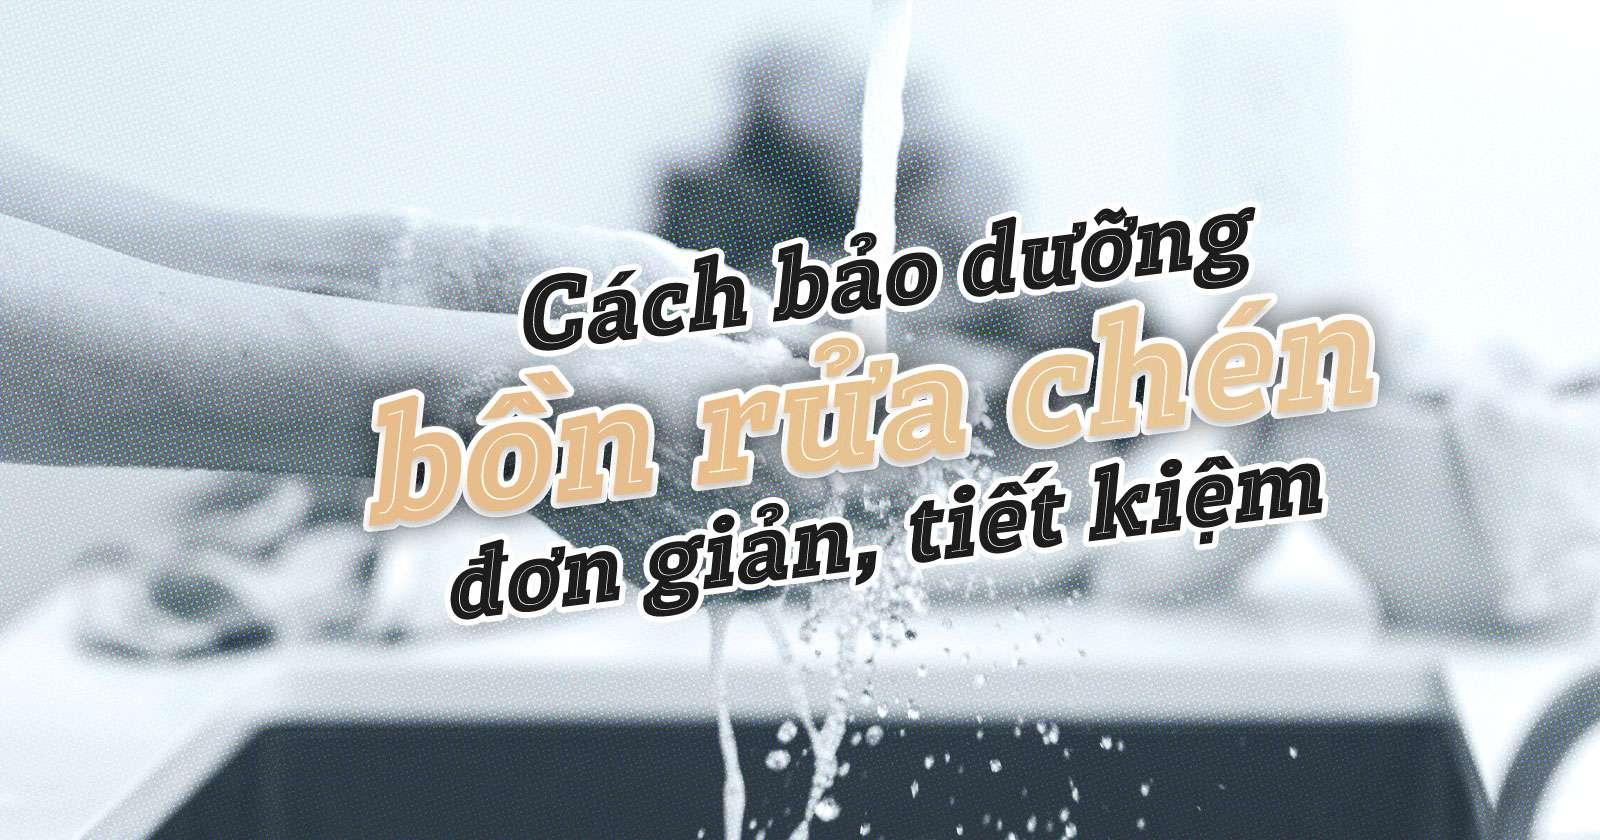 Cách bảo dưỡng bồn rửa chén đơn giản, tiết kiệm